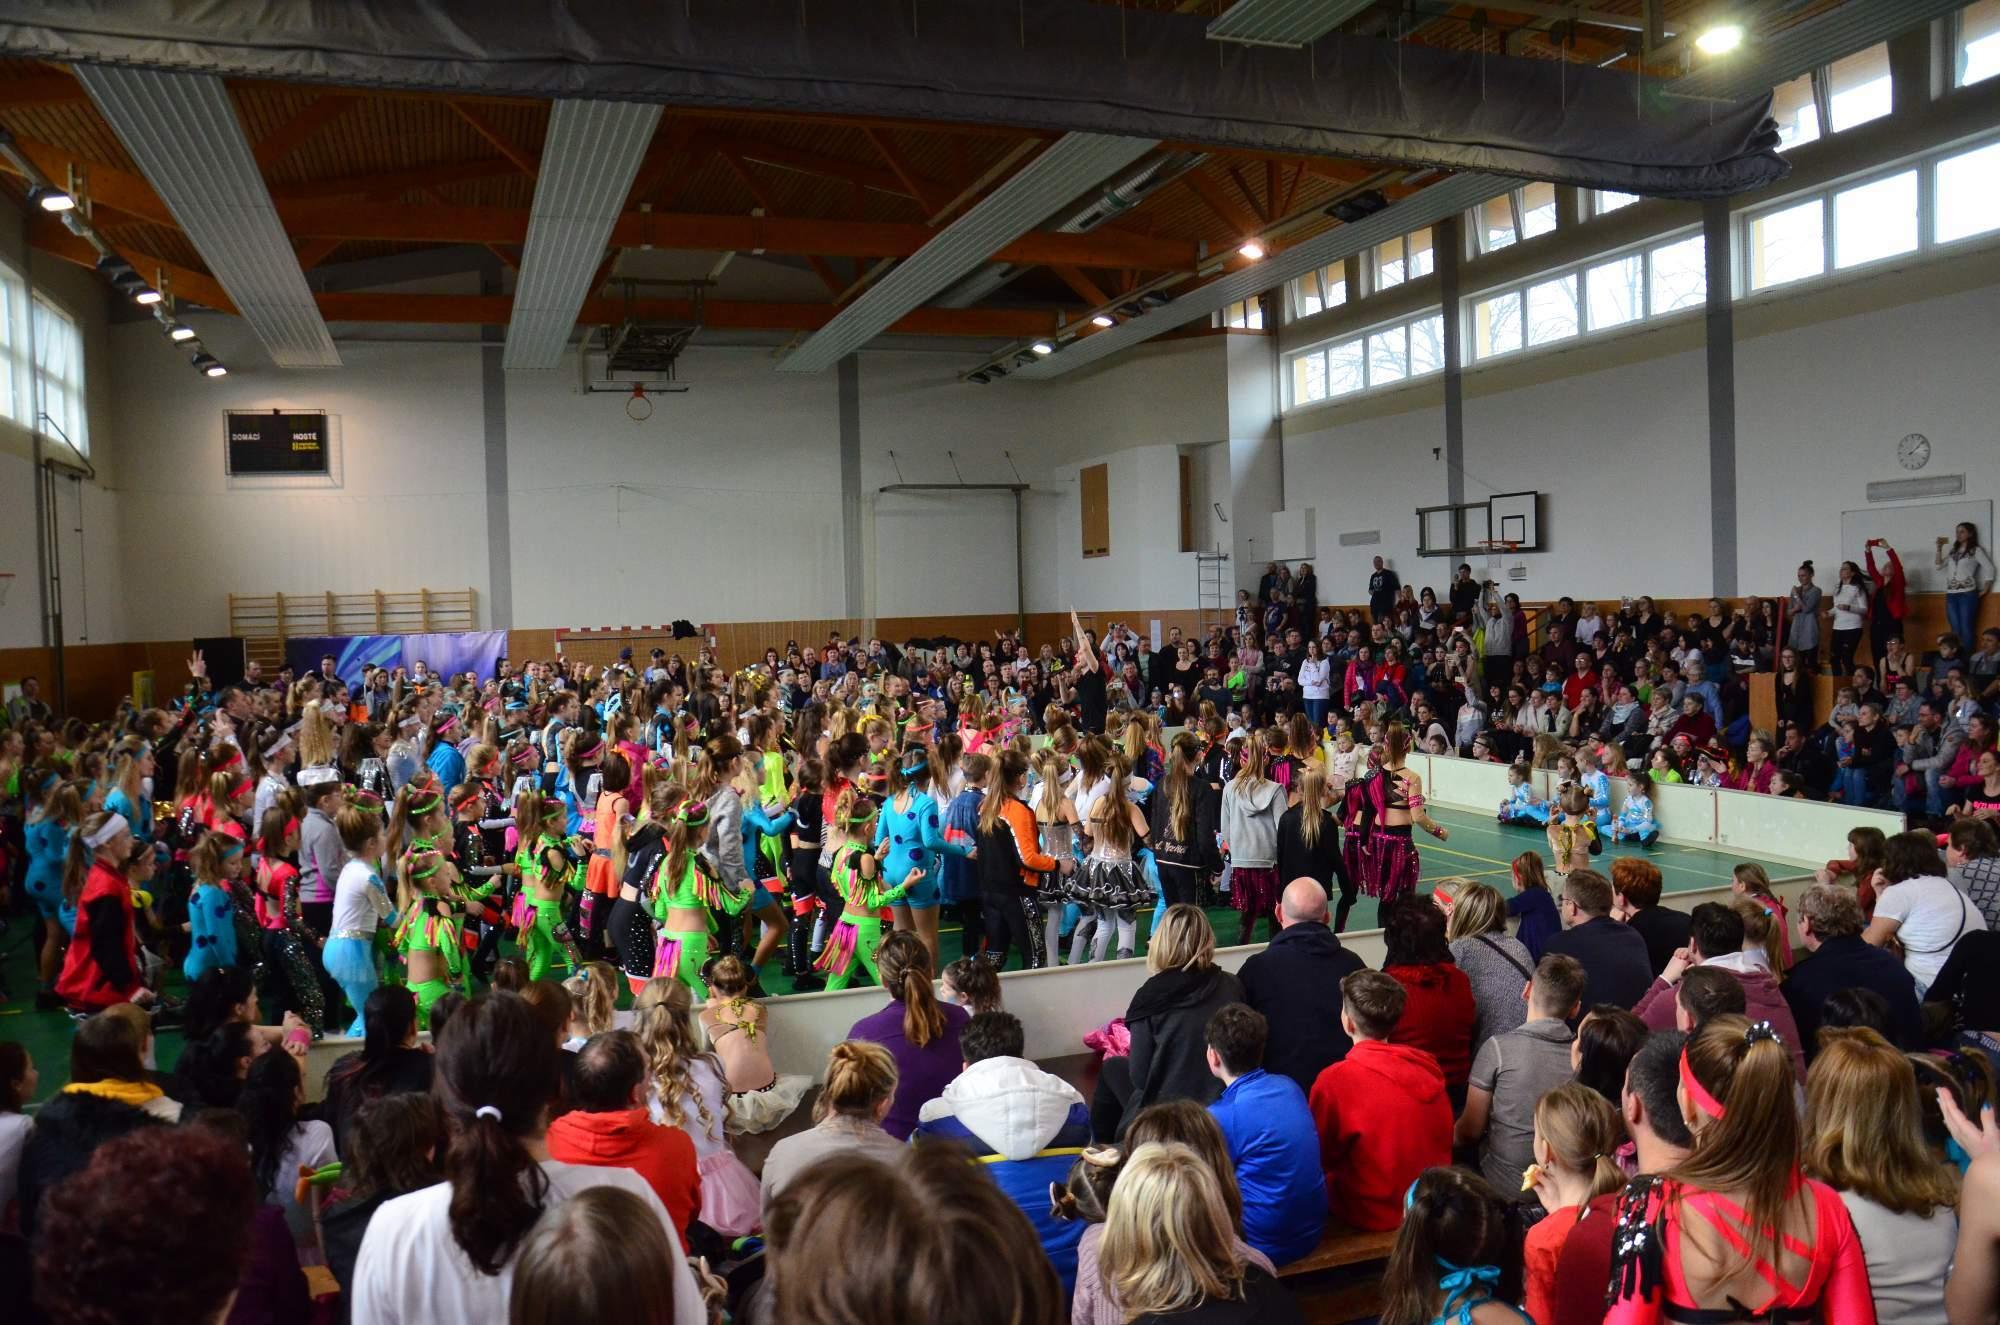 9c4d0ba2c5f O valašský klobouk bojovalo 1 100 tanečníků – ČUS Sportuj s námi!